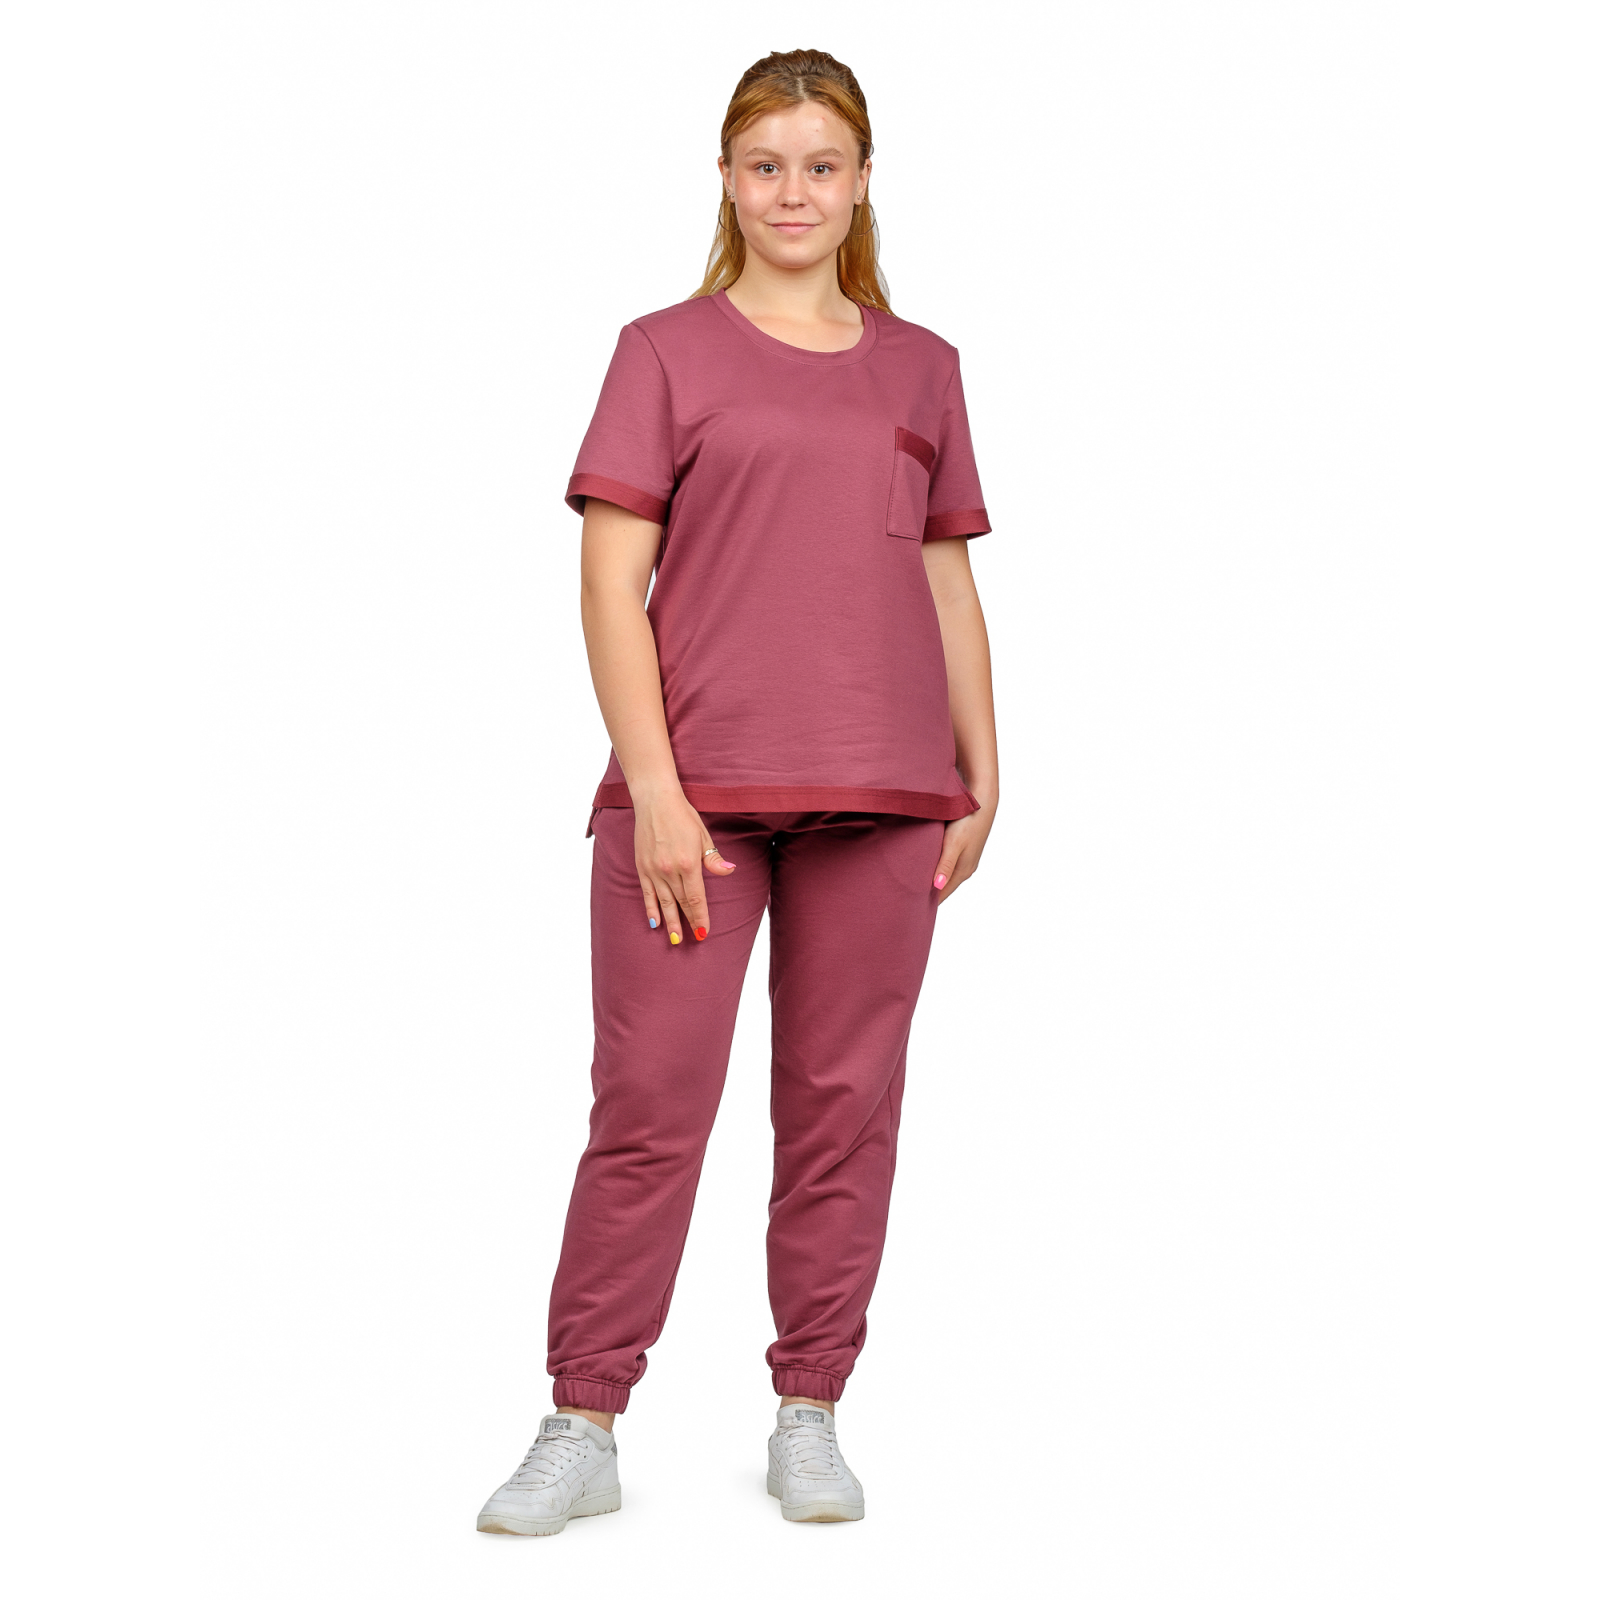 Костюм (футер 2-нитка) Бордо (футболка+брюки) М-0201БОР